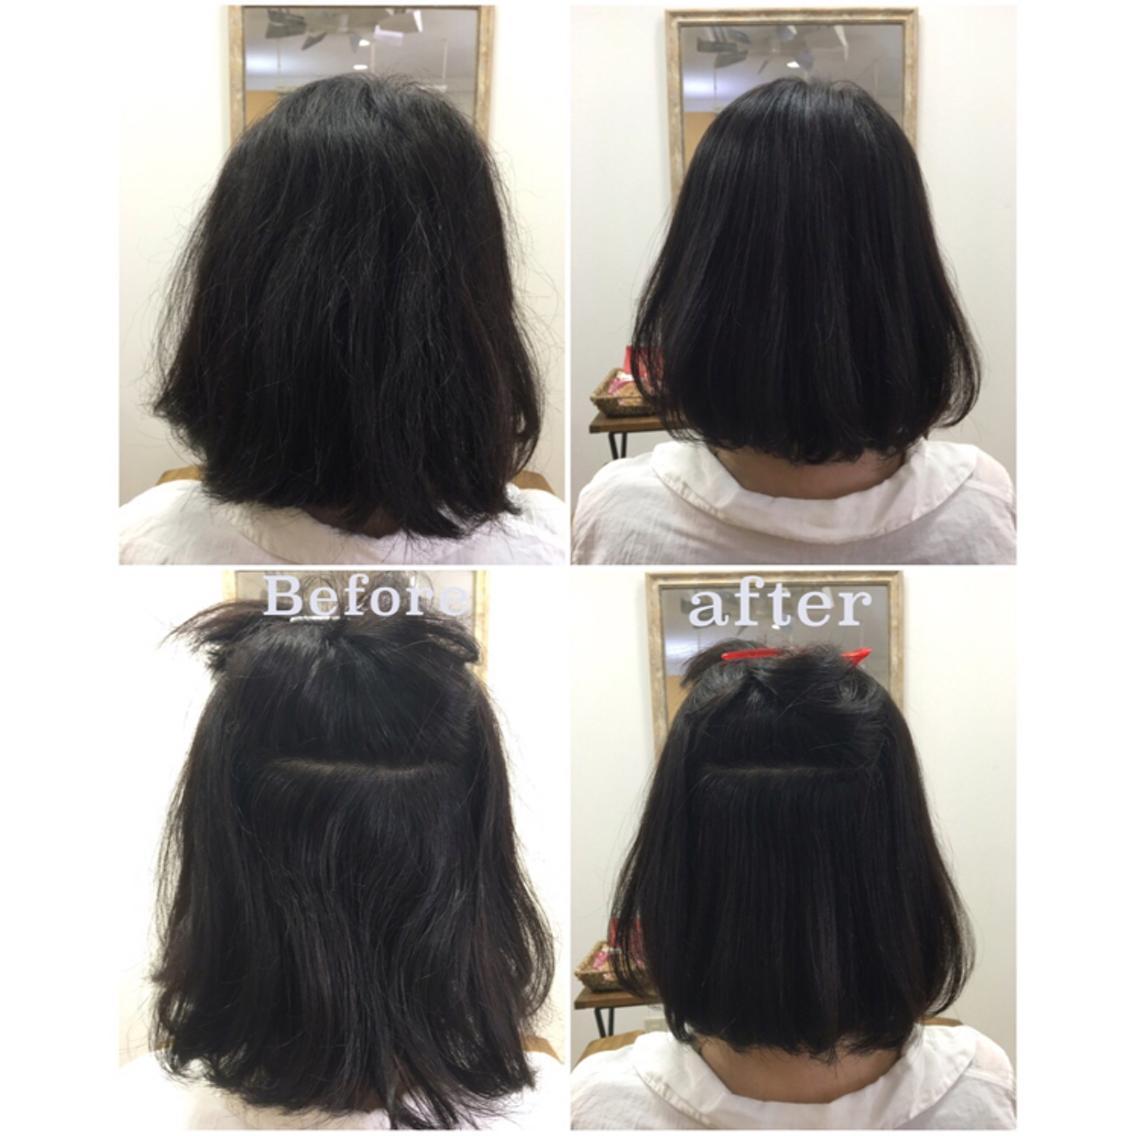 【日本で唯一のアイニーの髪質改善】髪質改善ヘアエステ・デザインする縮毛矯正¥21000→¥21000税込